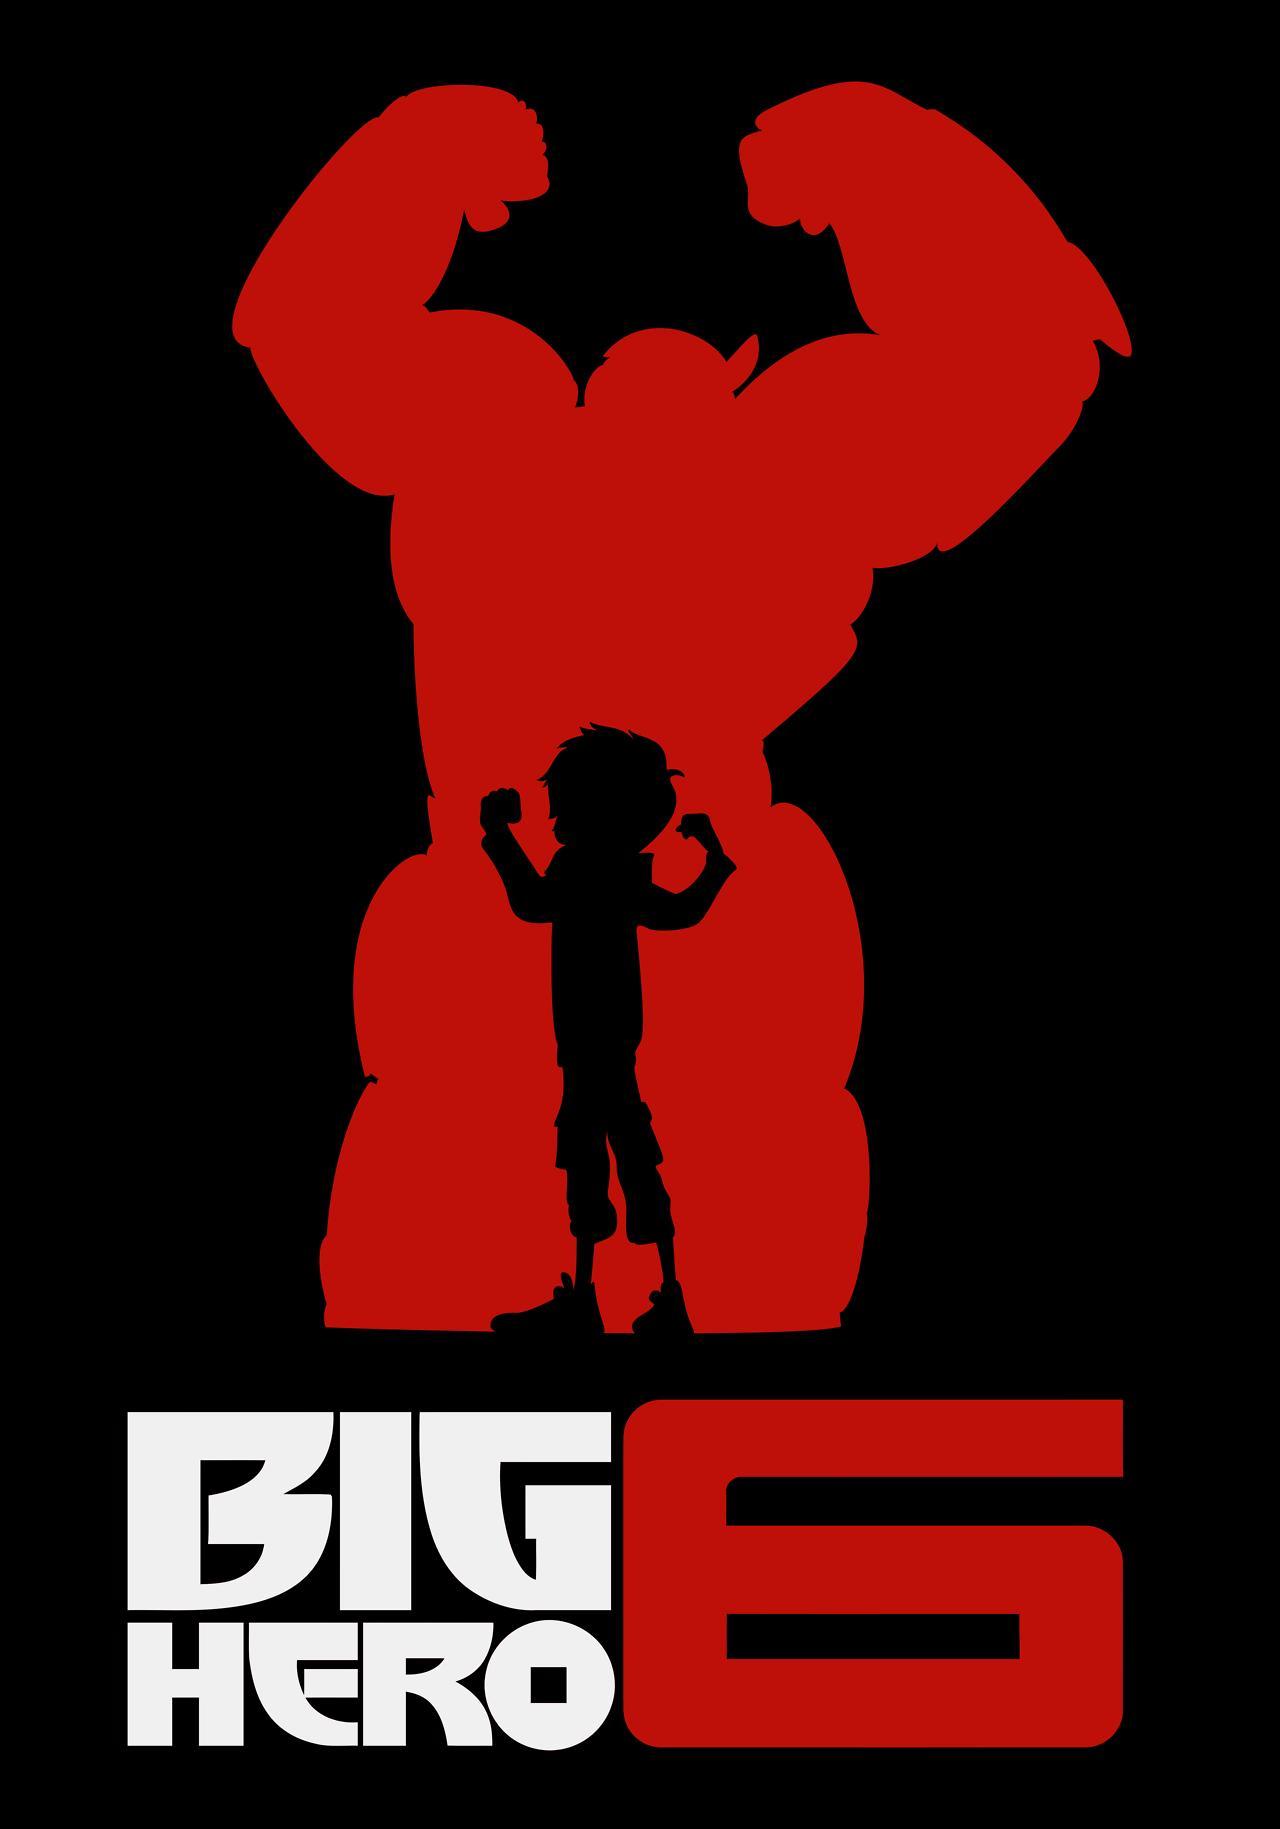 超能陆战队(big hero 6)